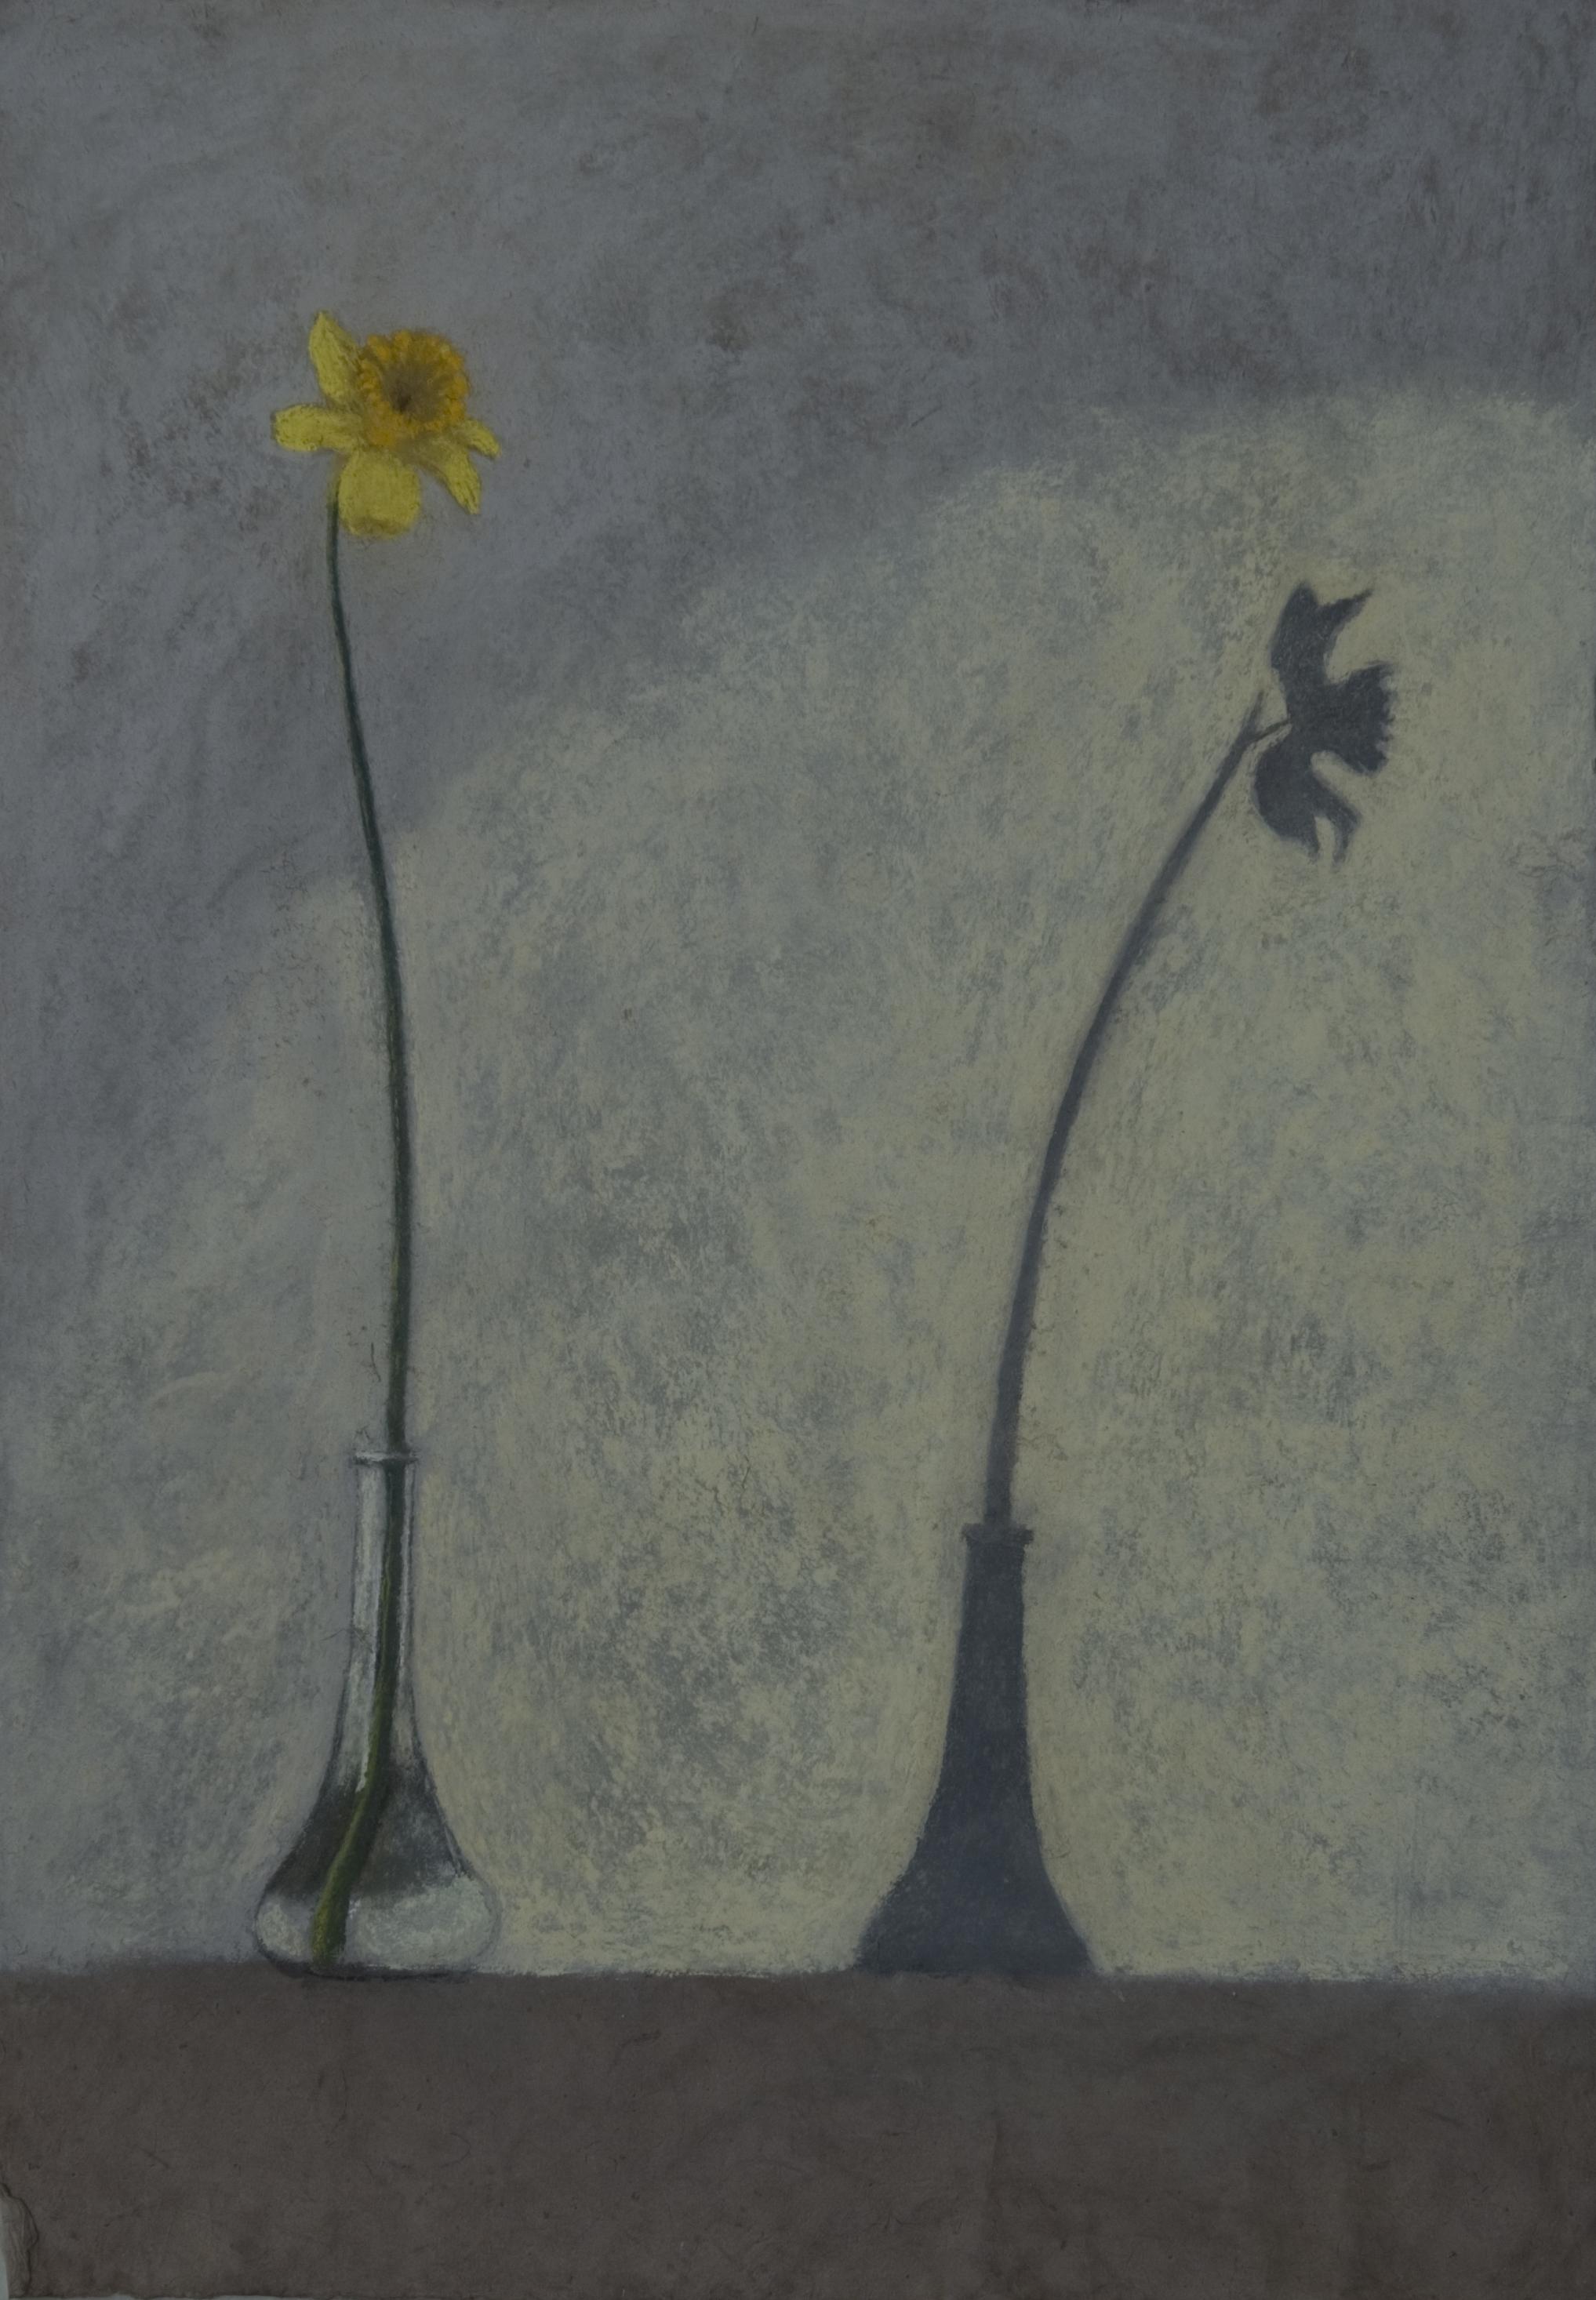 B 20) Narciso e l'ombra, 2009, pastello su carta nepalese, 75x50jpg